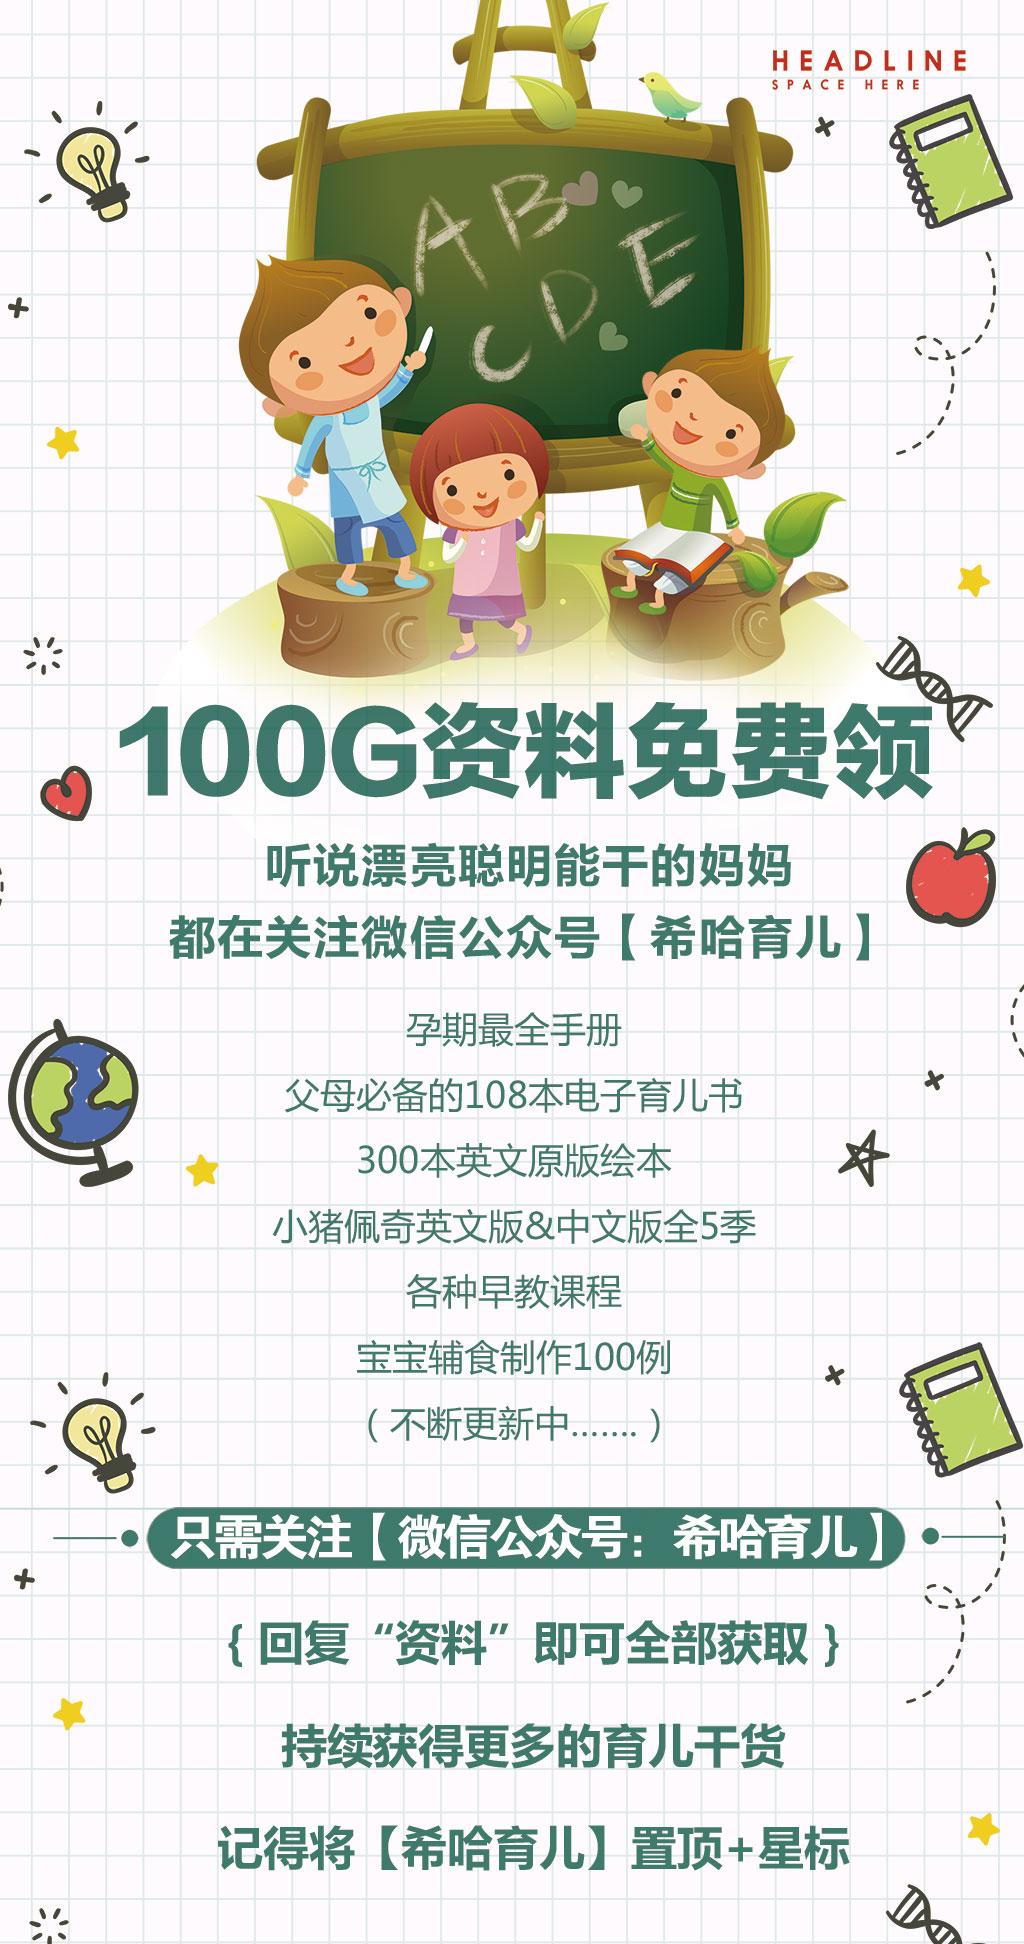 杭州女童無辜枉死,年輕媽媽鮮有露面,女性最佳生育年齡,真的越早越好嗎?